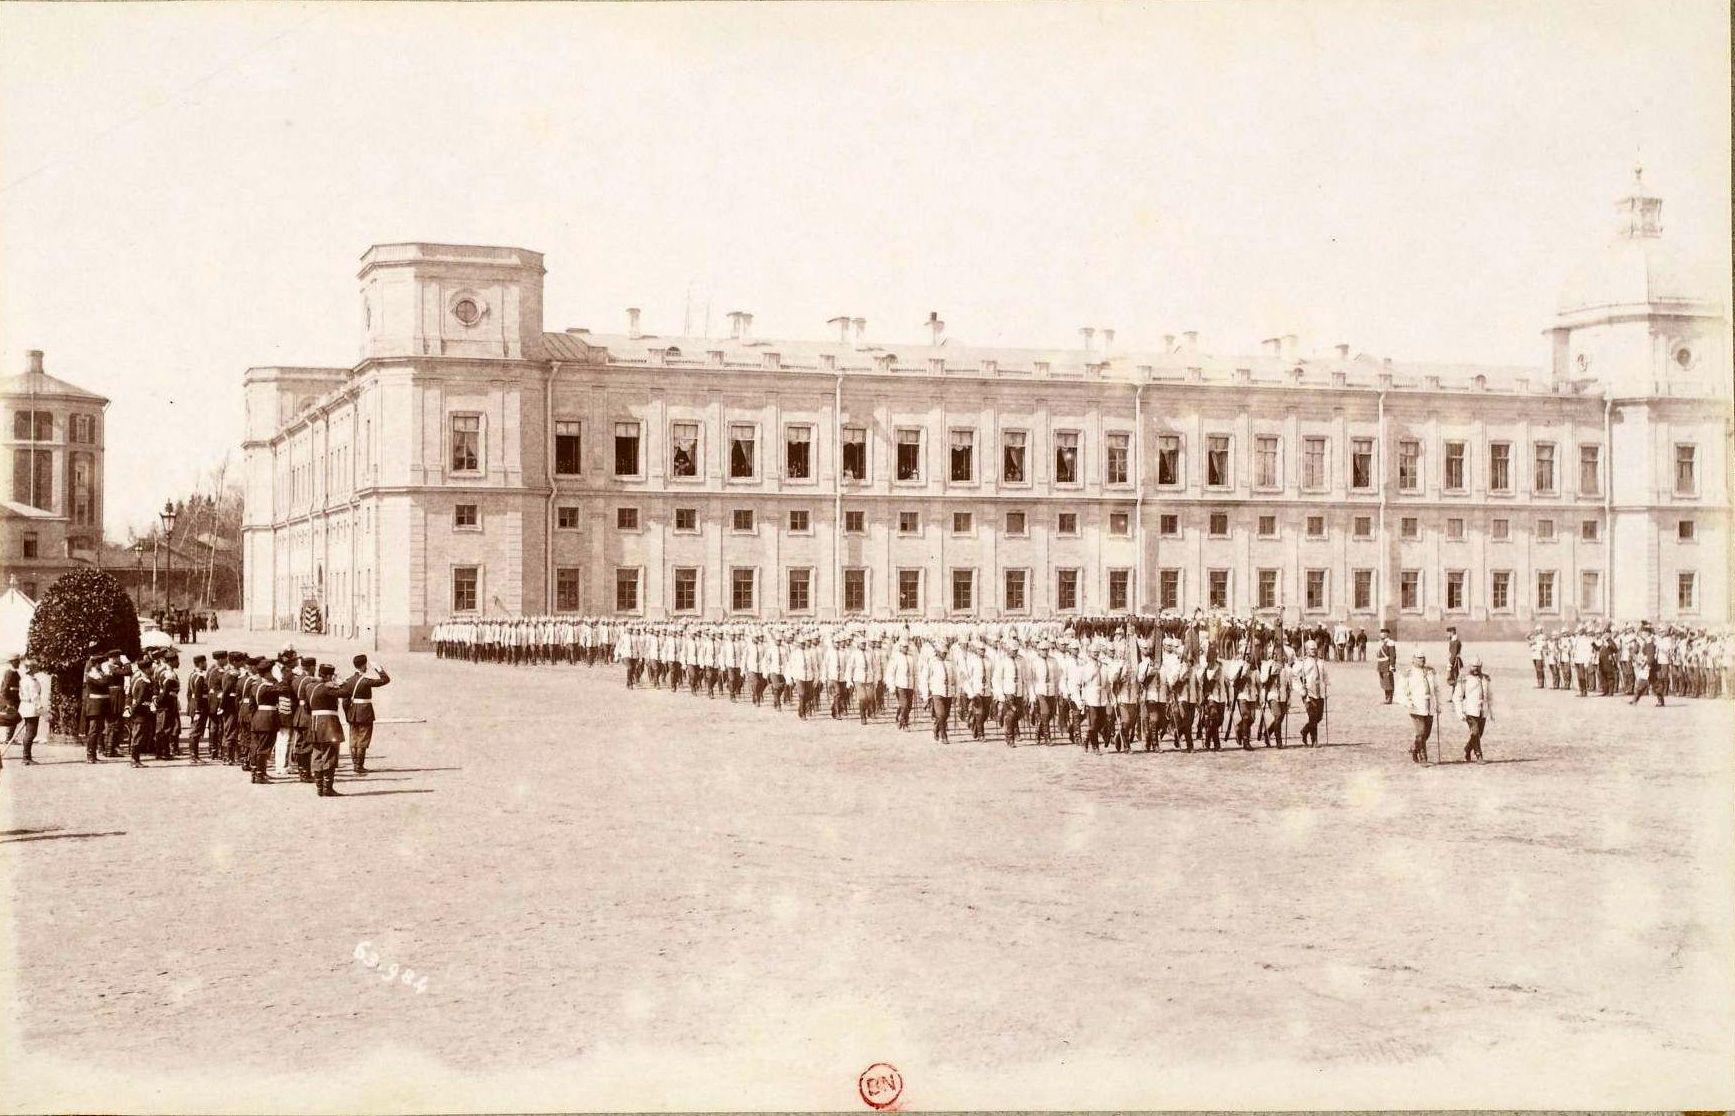 Гатчинский дворец. Лейб-гвардии Кирасирский е.и.в. Марии Федоровны полк на параде